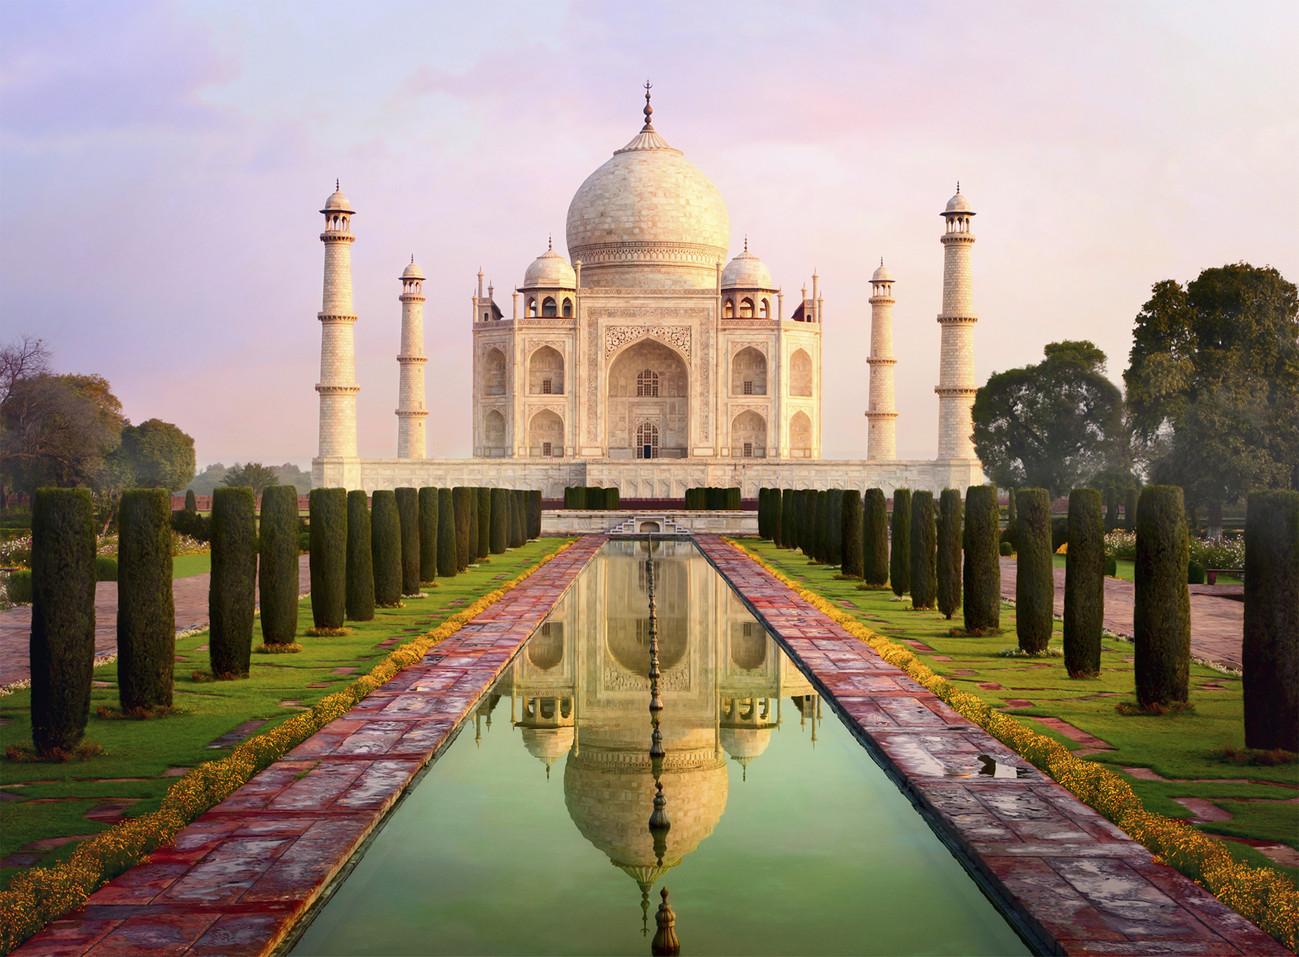 Taj Mahal Wall Mural Buy At Europosters